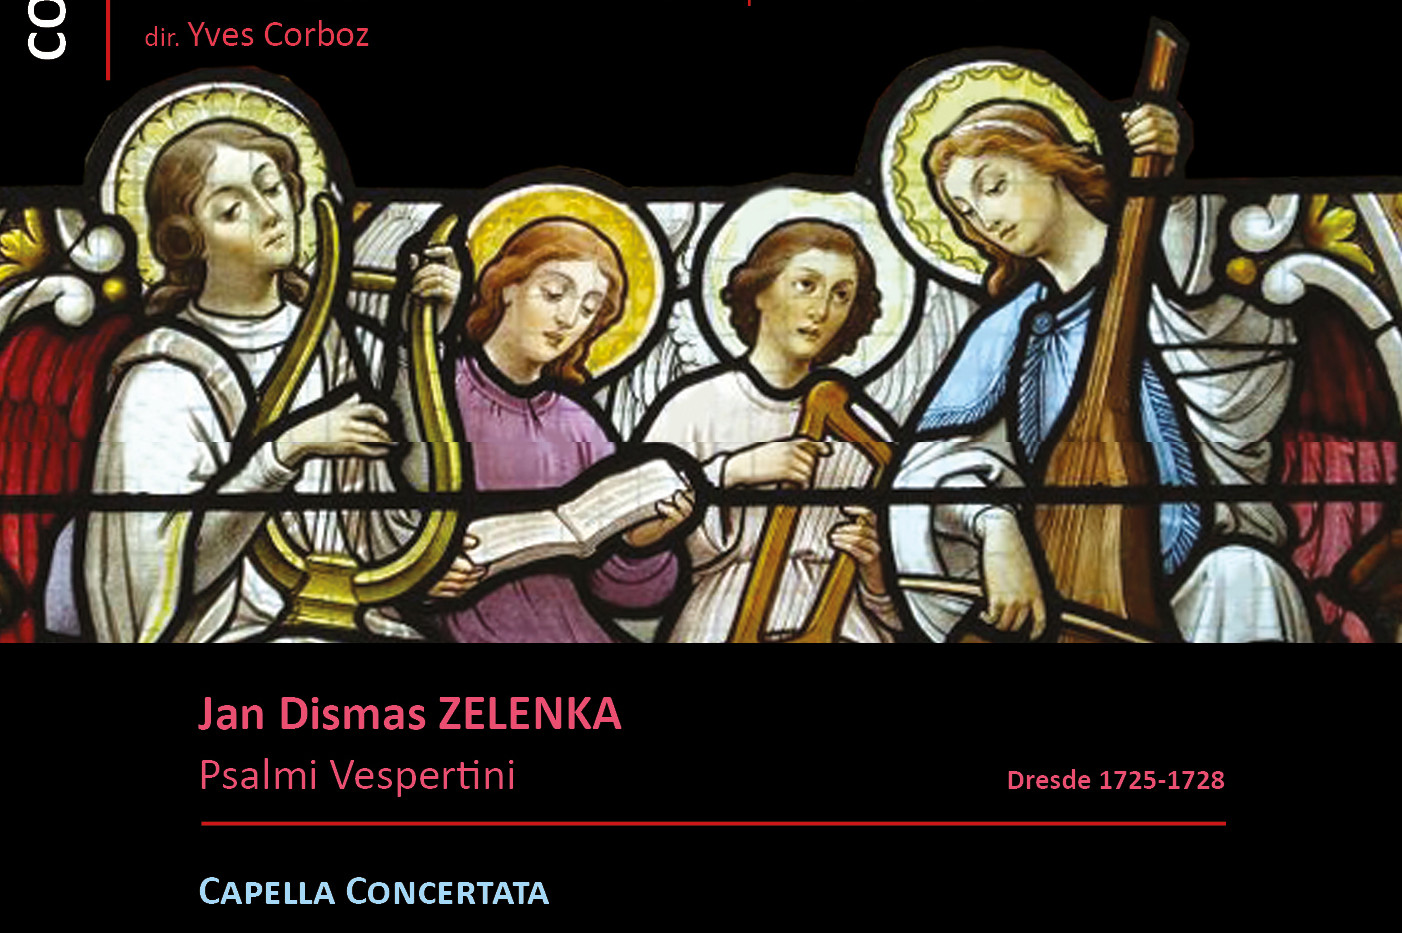 Concerts Capella concertata 2020 web.jpg